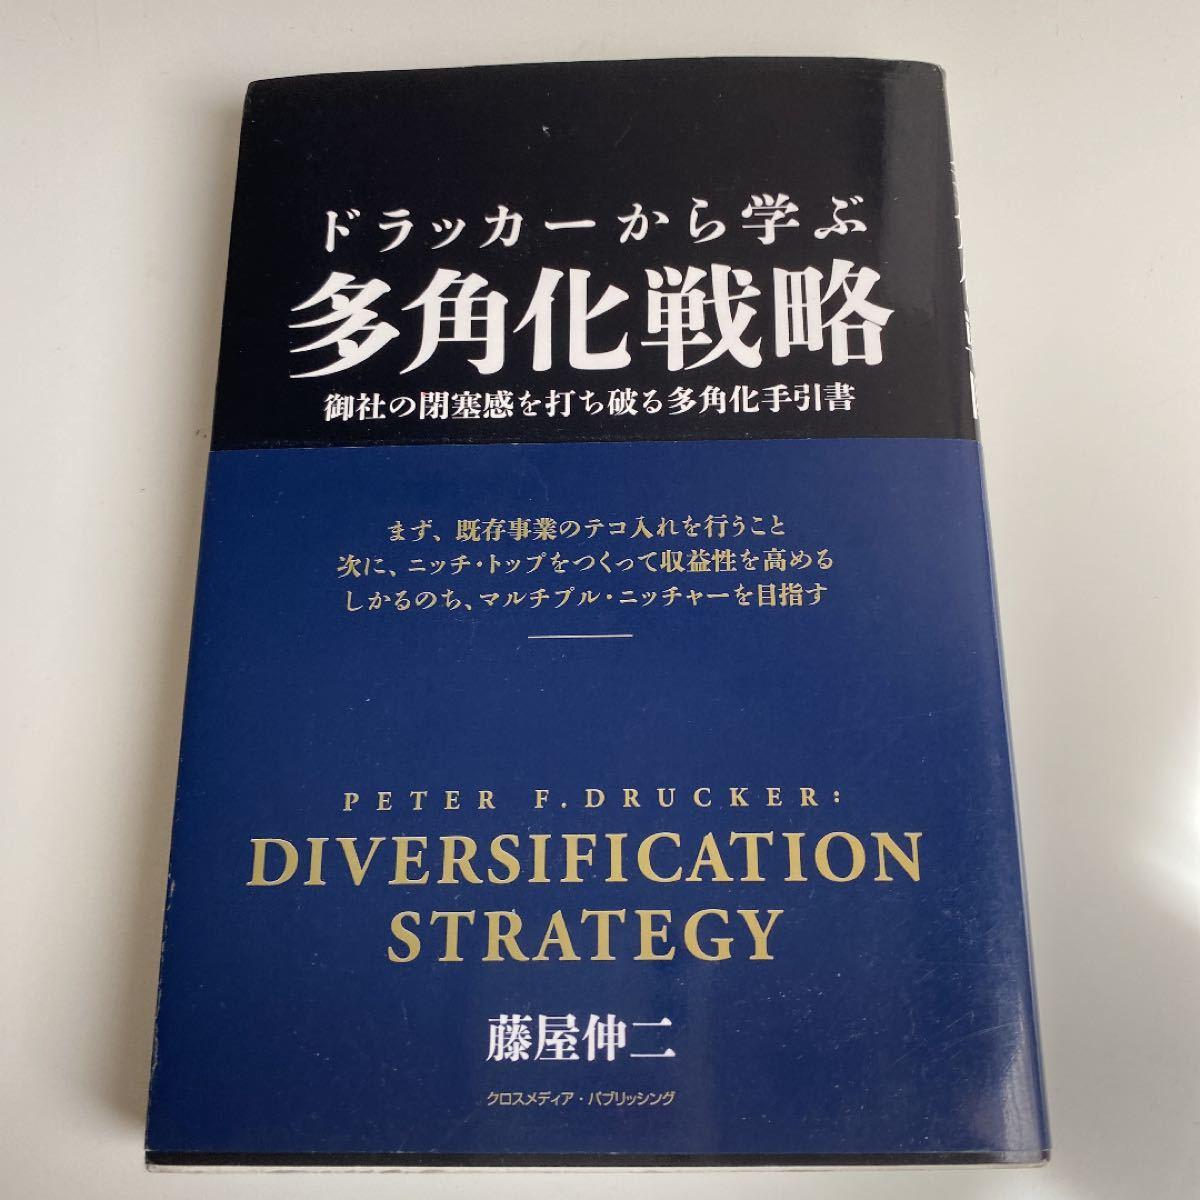 ドラッカーから学ぶ多角化戦略=PETER F.DRUCKER:DIVERS